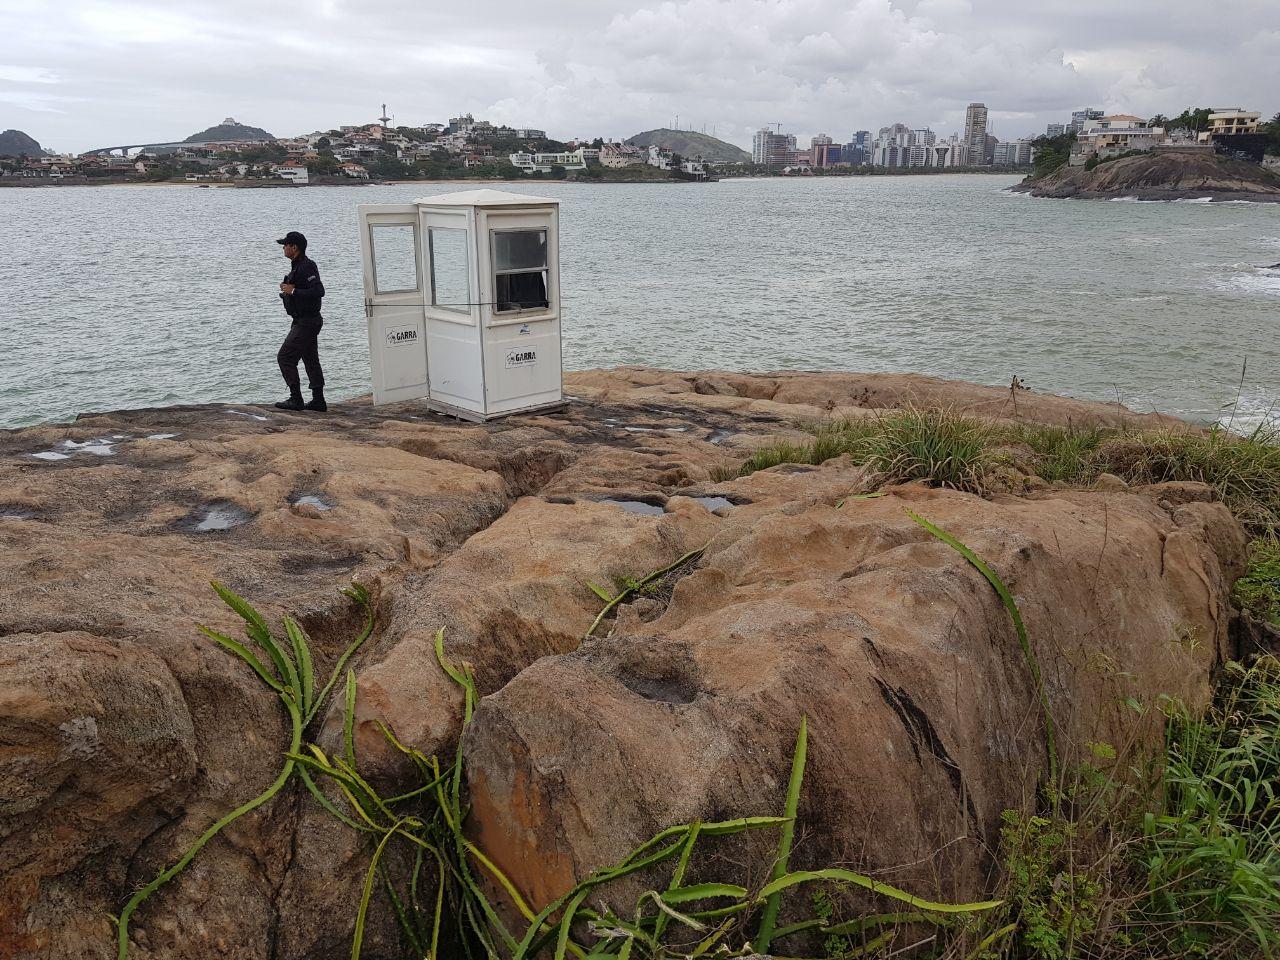 Ao tentar soltar linha de pesca, homem foi atingido por uma onda e arrastado para o mar. Crédito: Edson Chagas